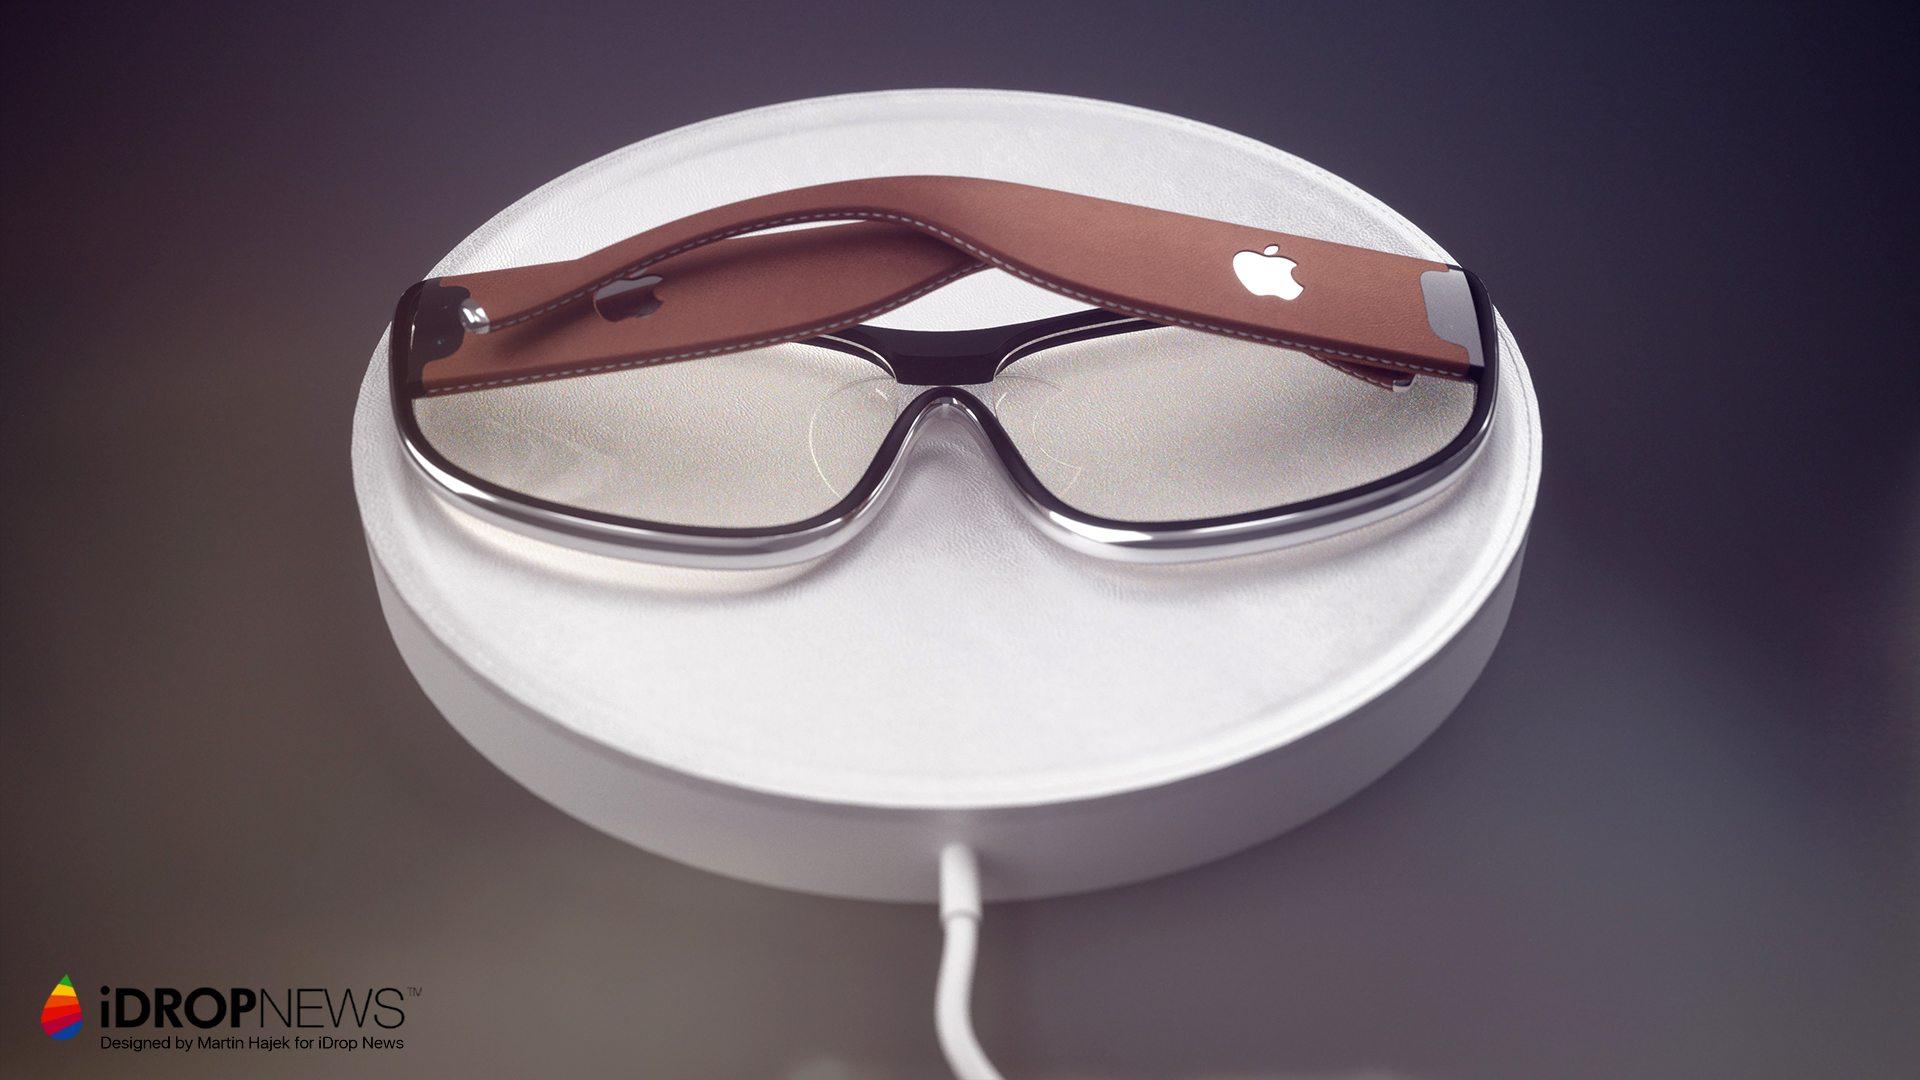 Apple-Glass-AR-Glasses-iDrop-News-x-Martin-Hajek-6jpg